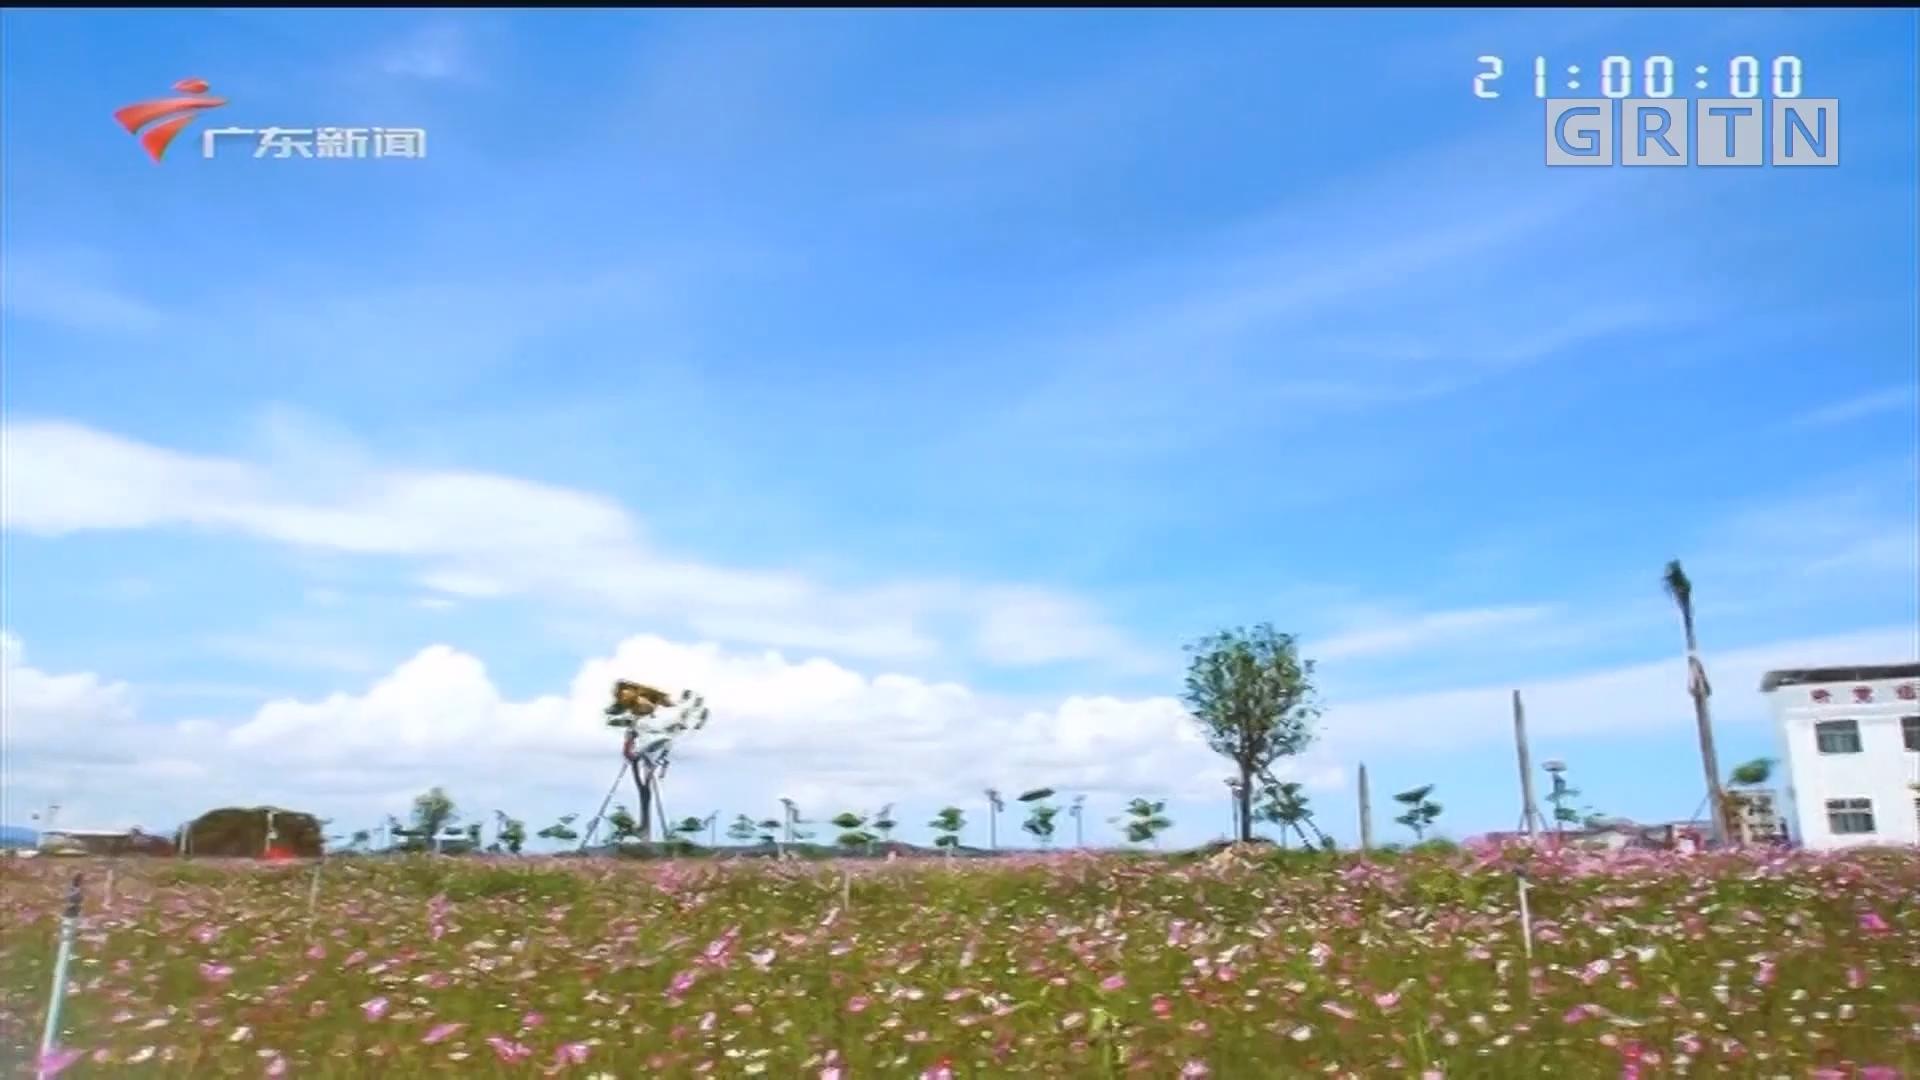 [HD][2020-05-25]社会纵横:杨明芳 关注生猪养殖产业可持续性发展